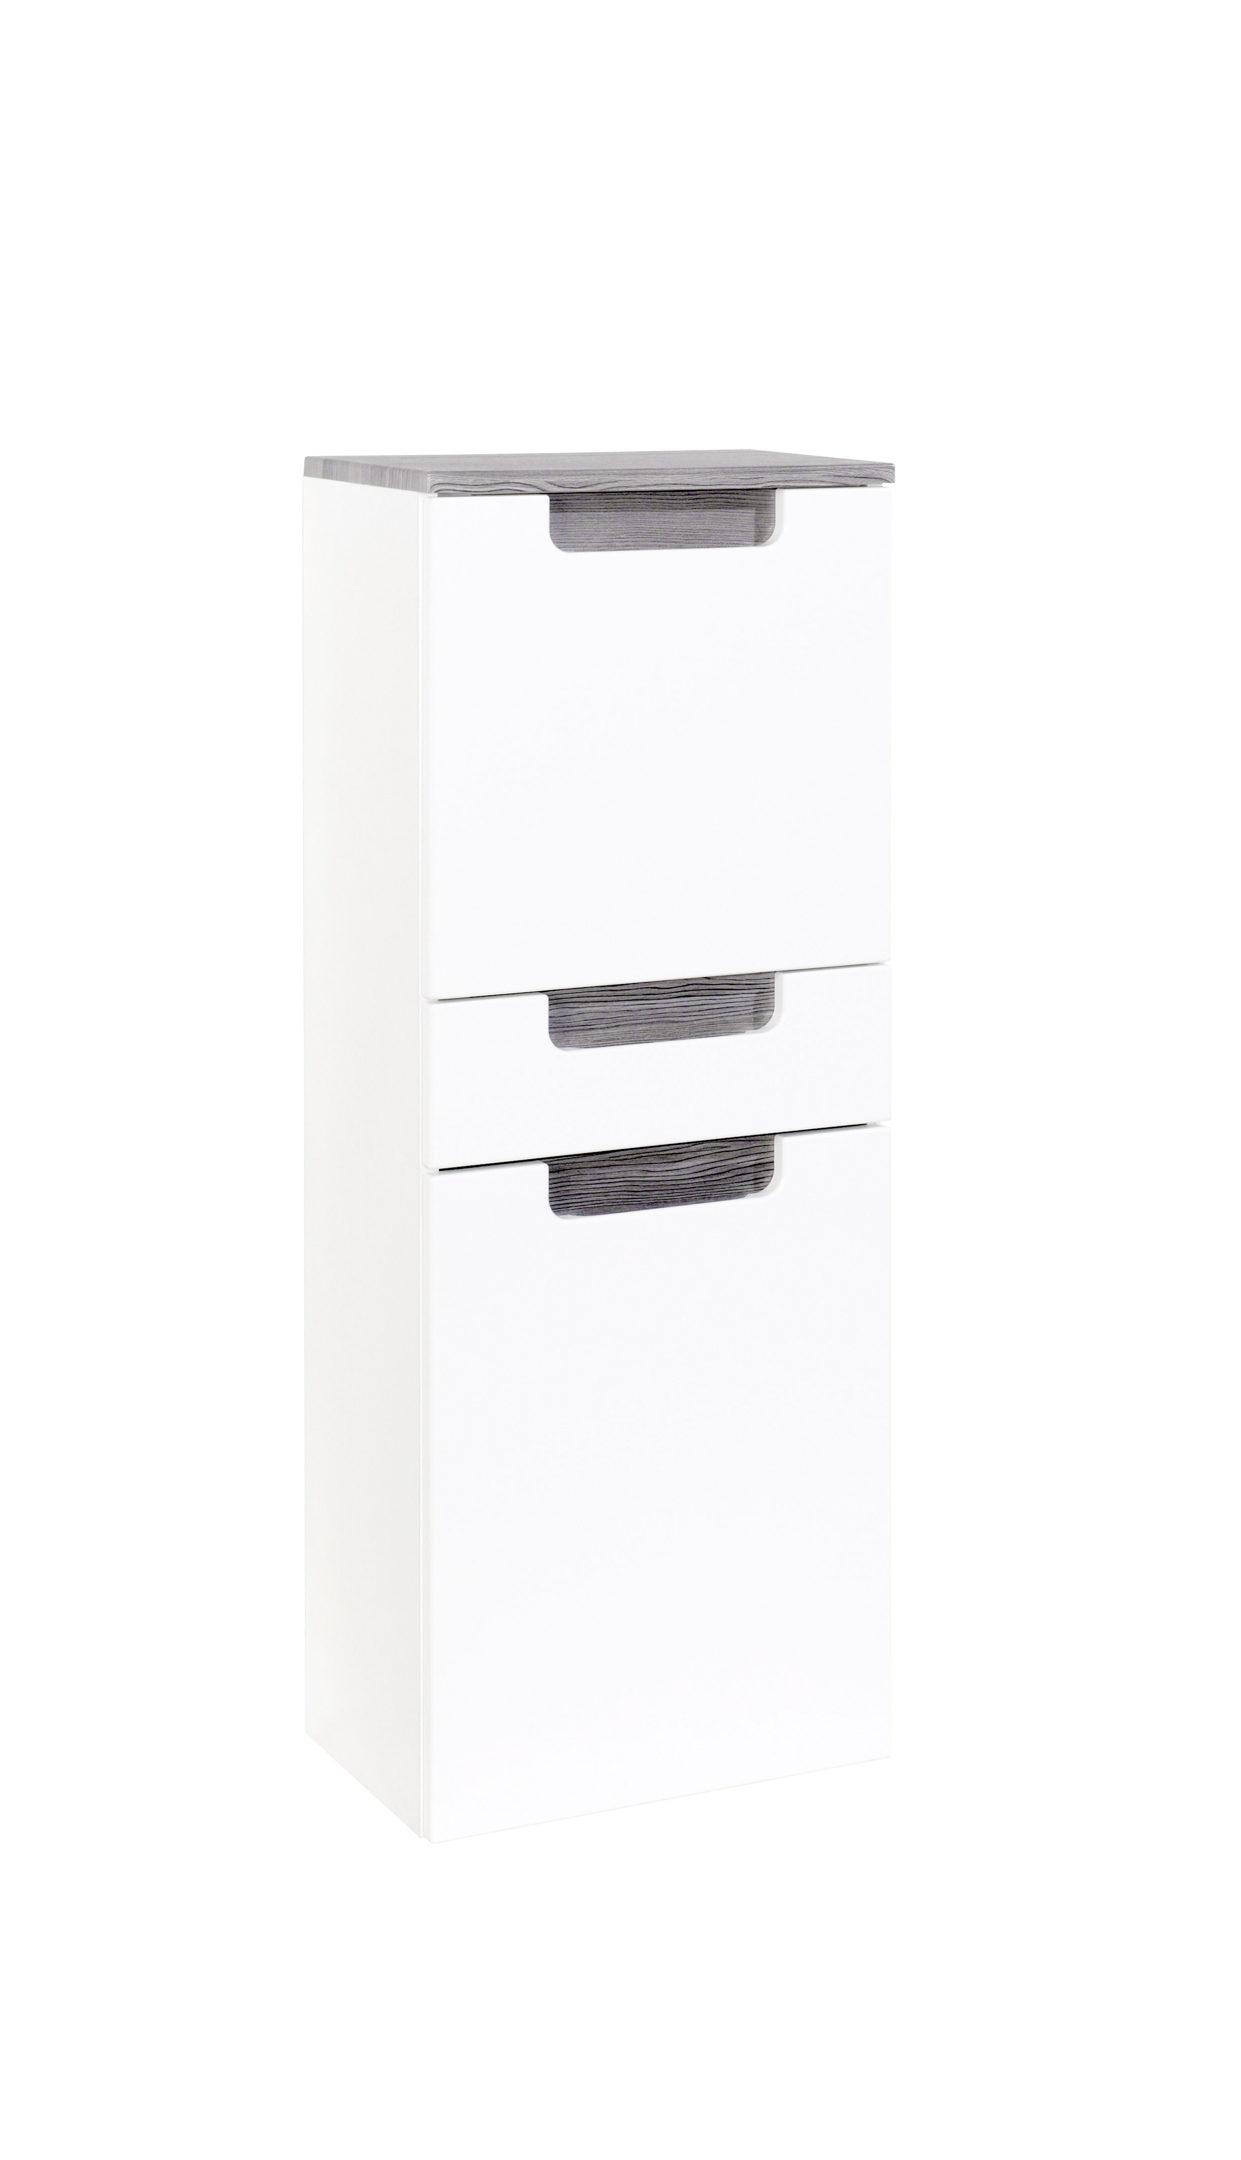 Bad-Midischrank Siena, weiße Hochglanz- & Rauchsilber eichefarbene  Kunststoffoberflächen – zwei Türen, eine Schublade, Brei